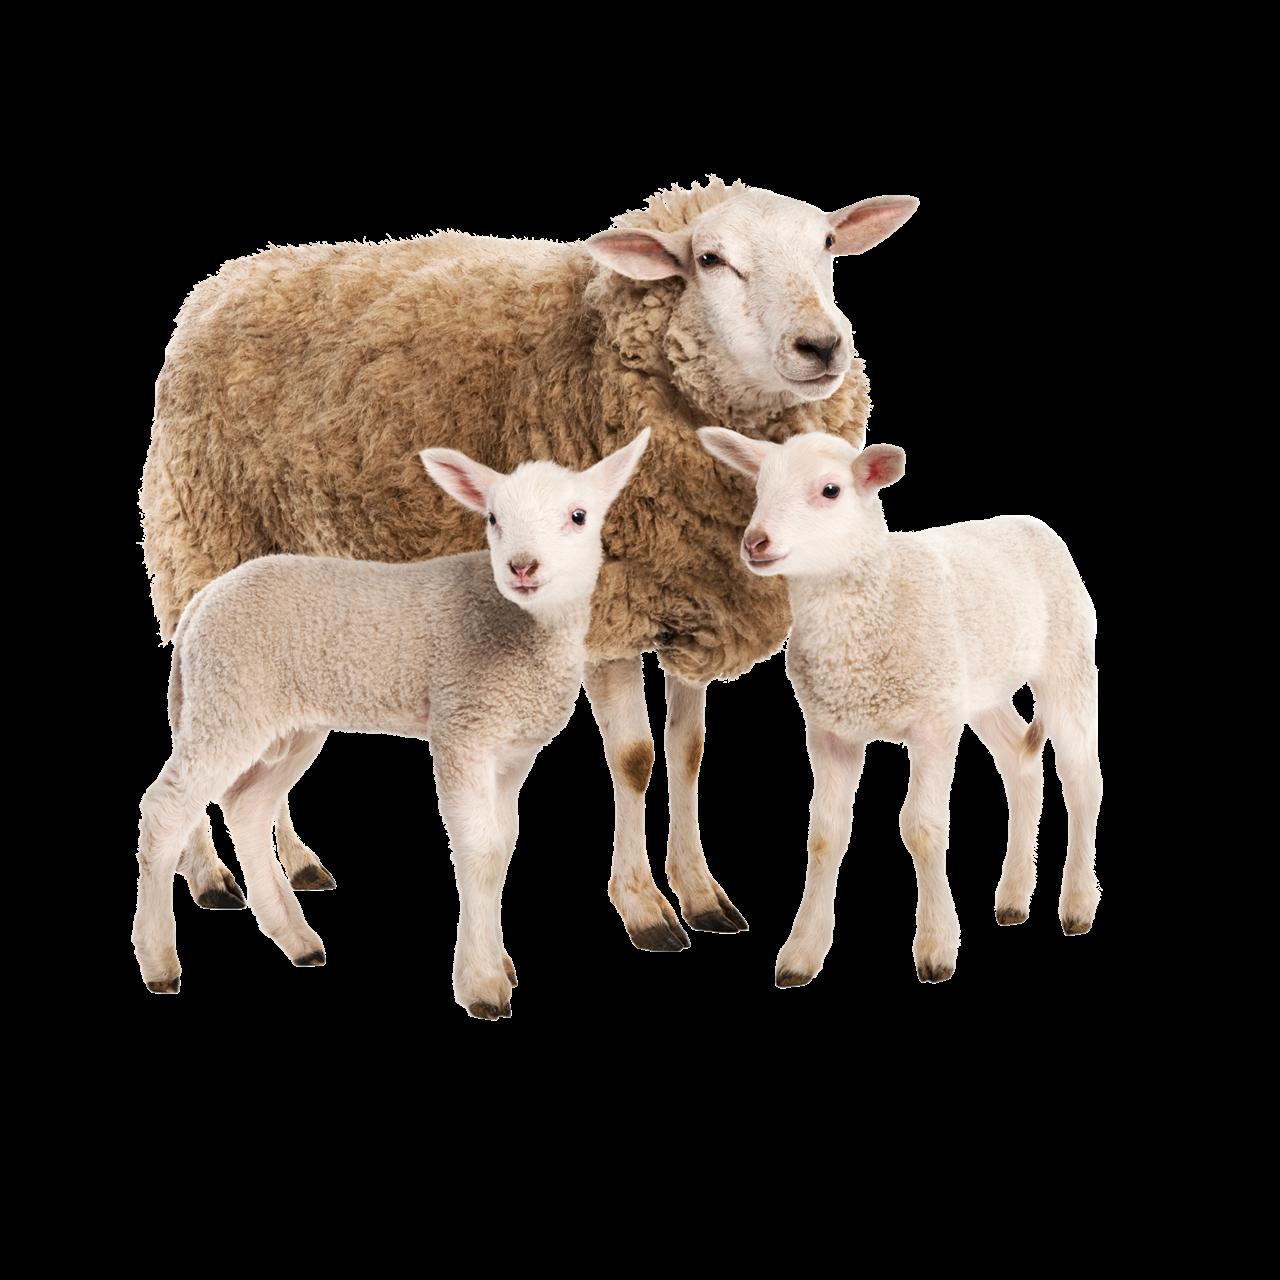 sheep-png-1280x1280_63d1a1ea